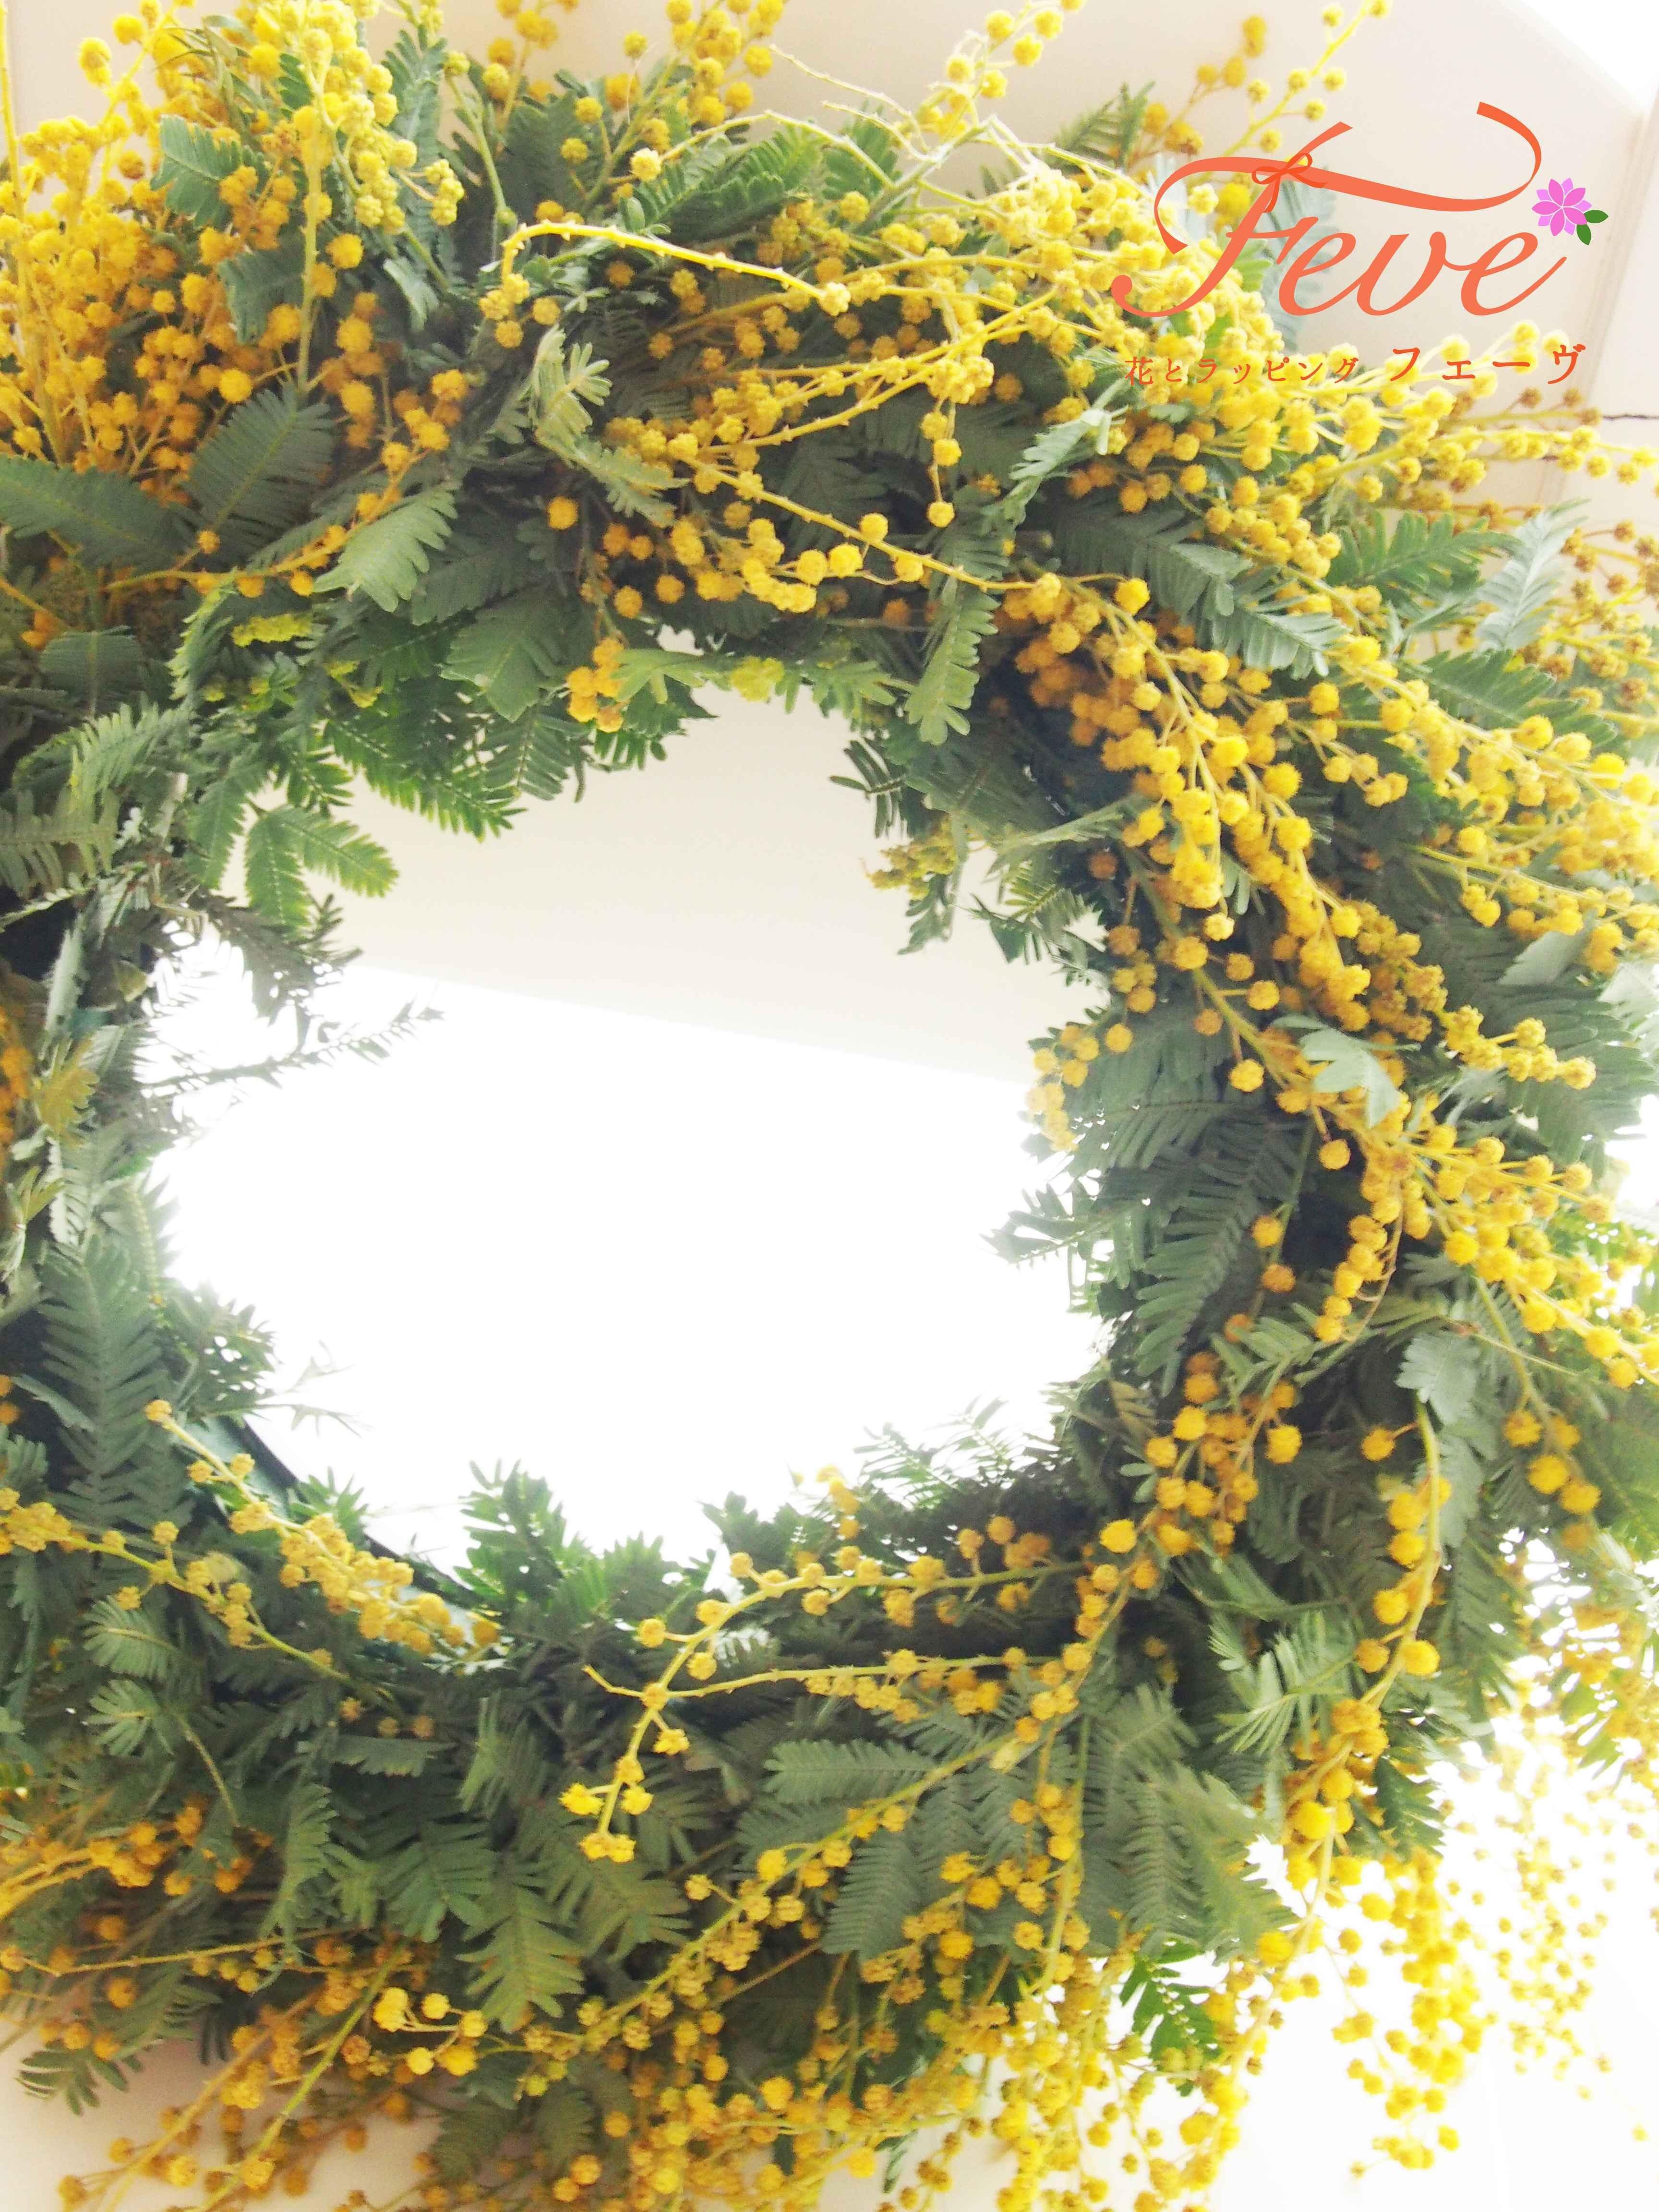 【市川菅野】一足先に春を感じるミモザのリース(生花)